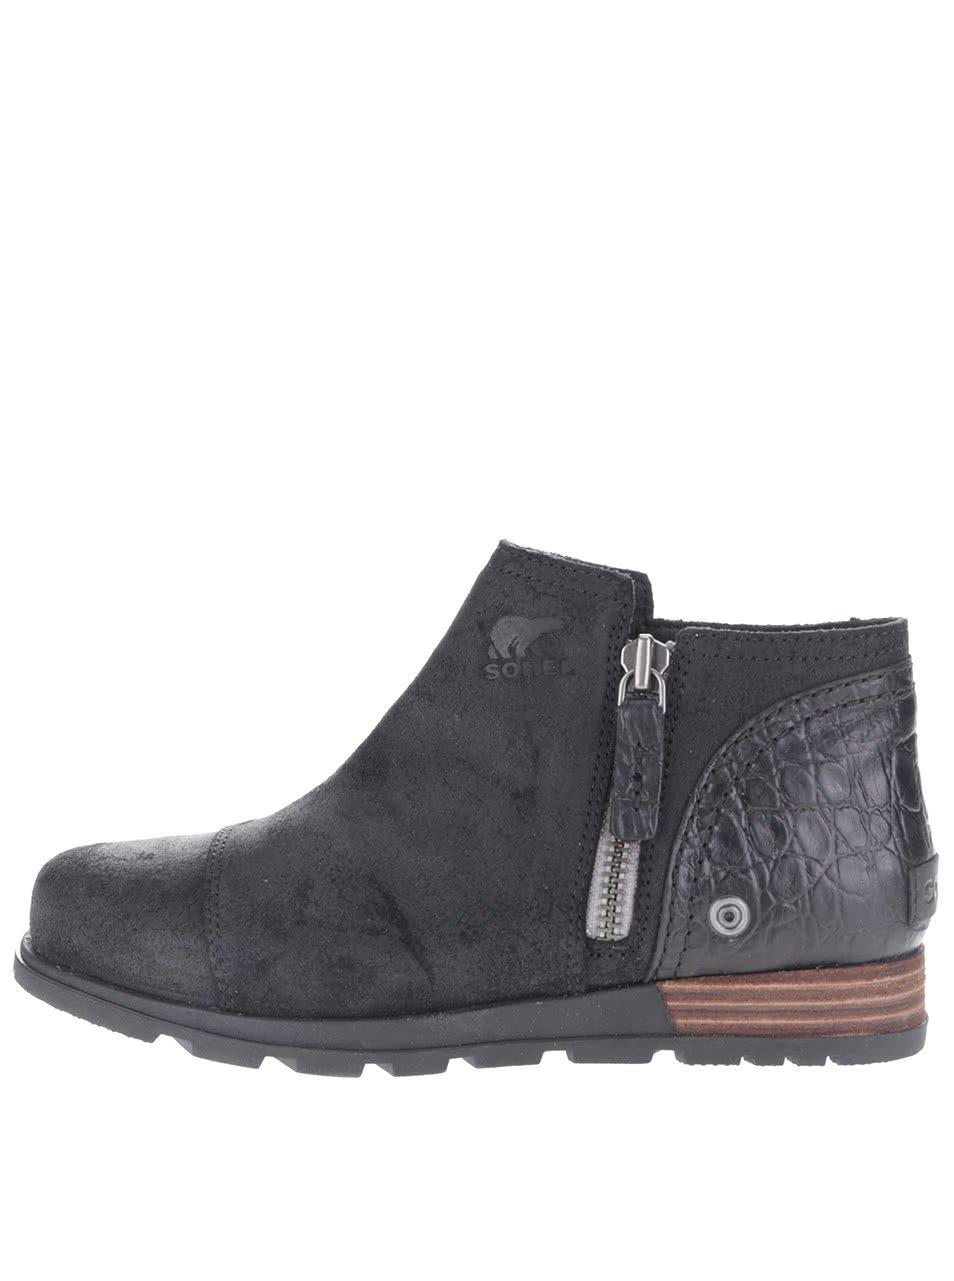 Černé dámské kožené kotníkové boty SOREL Major Low